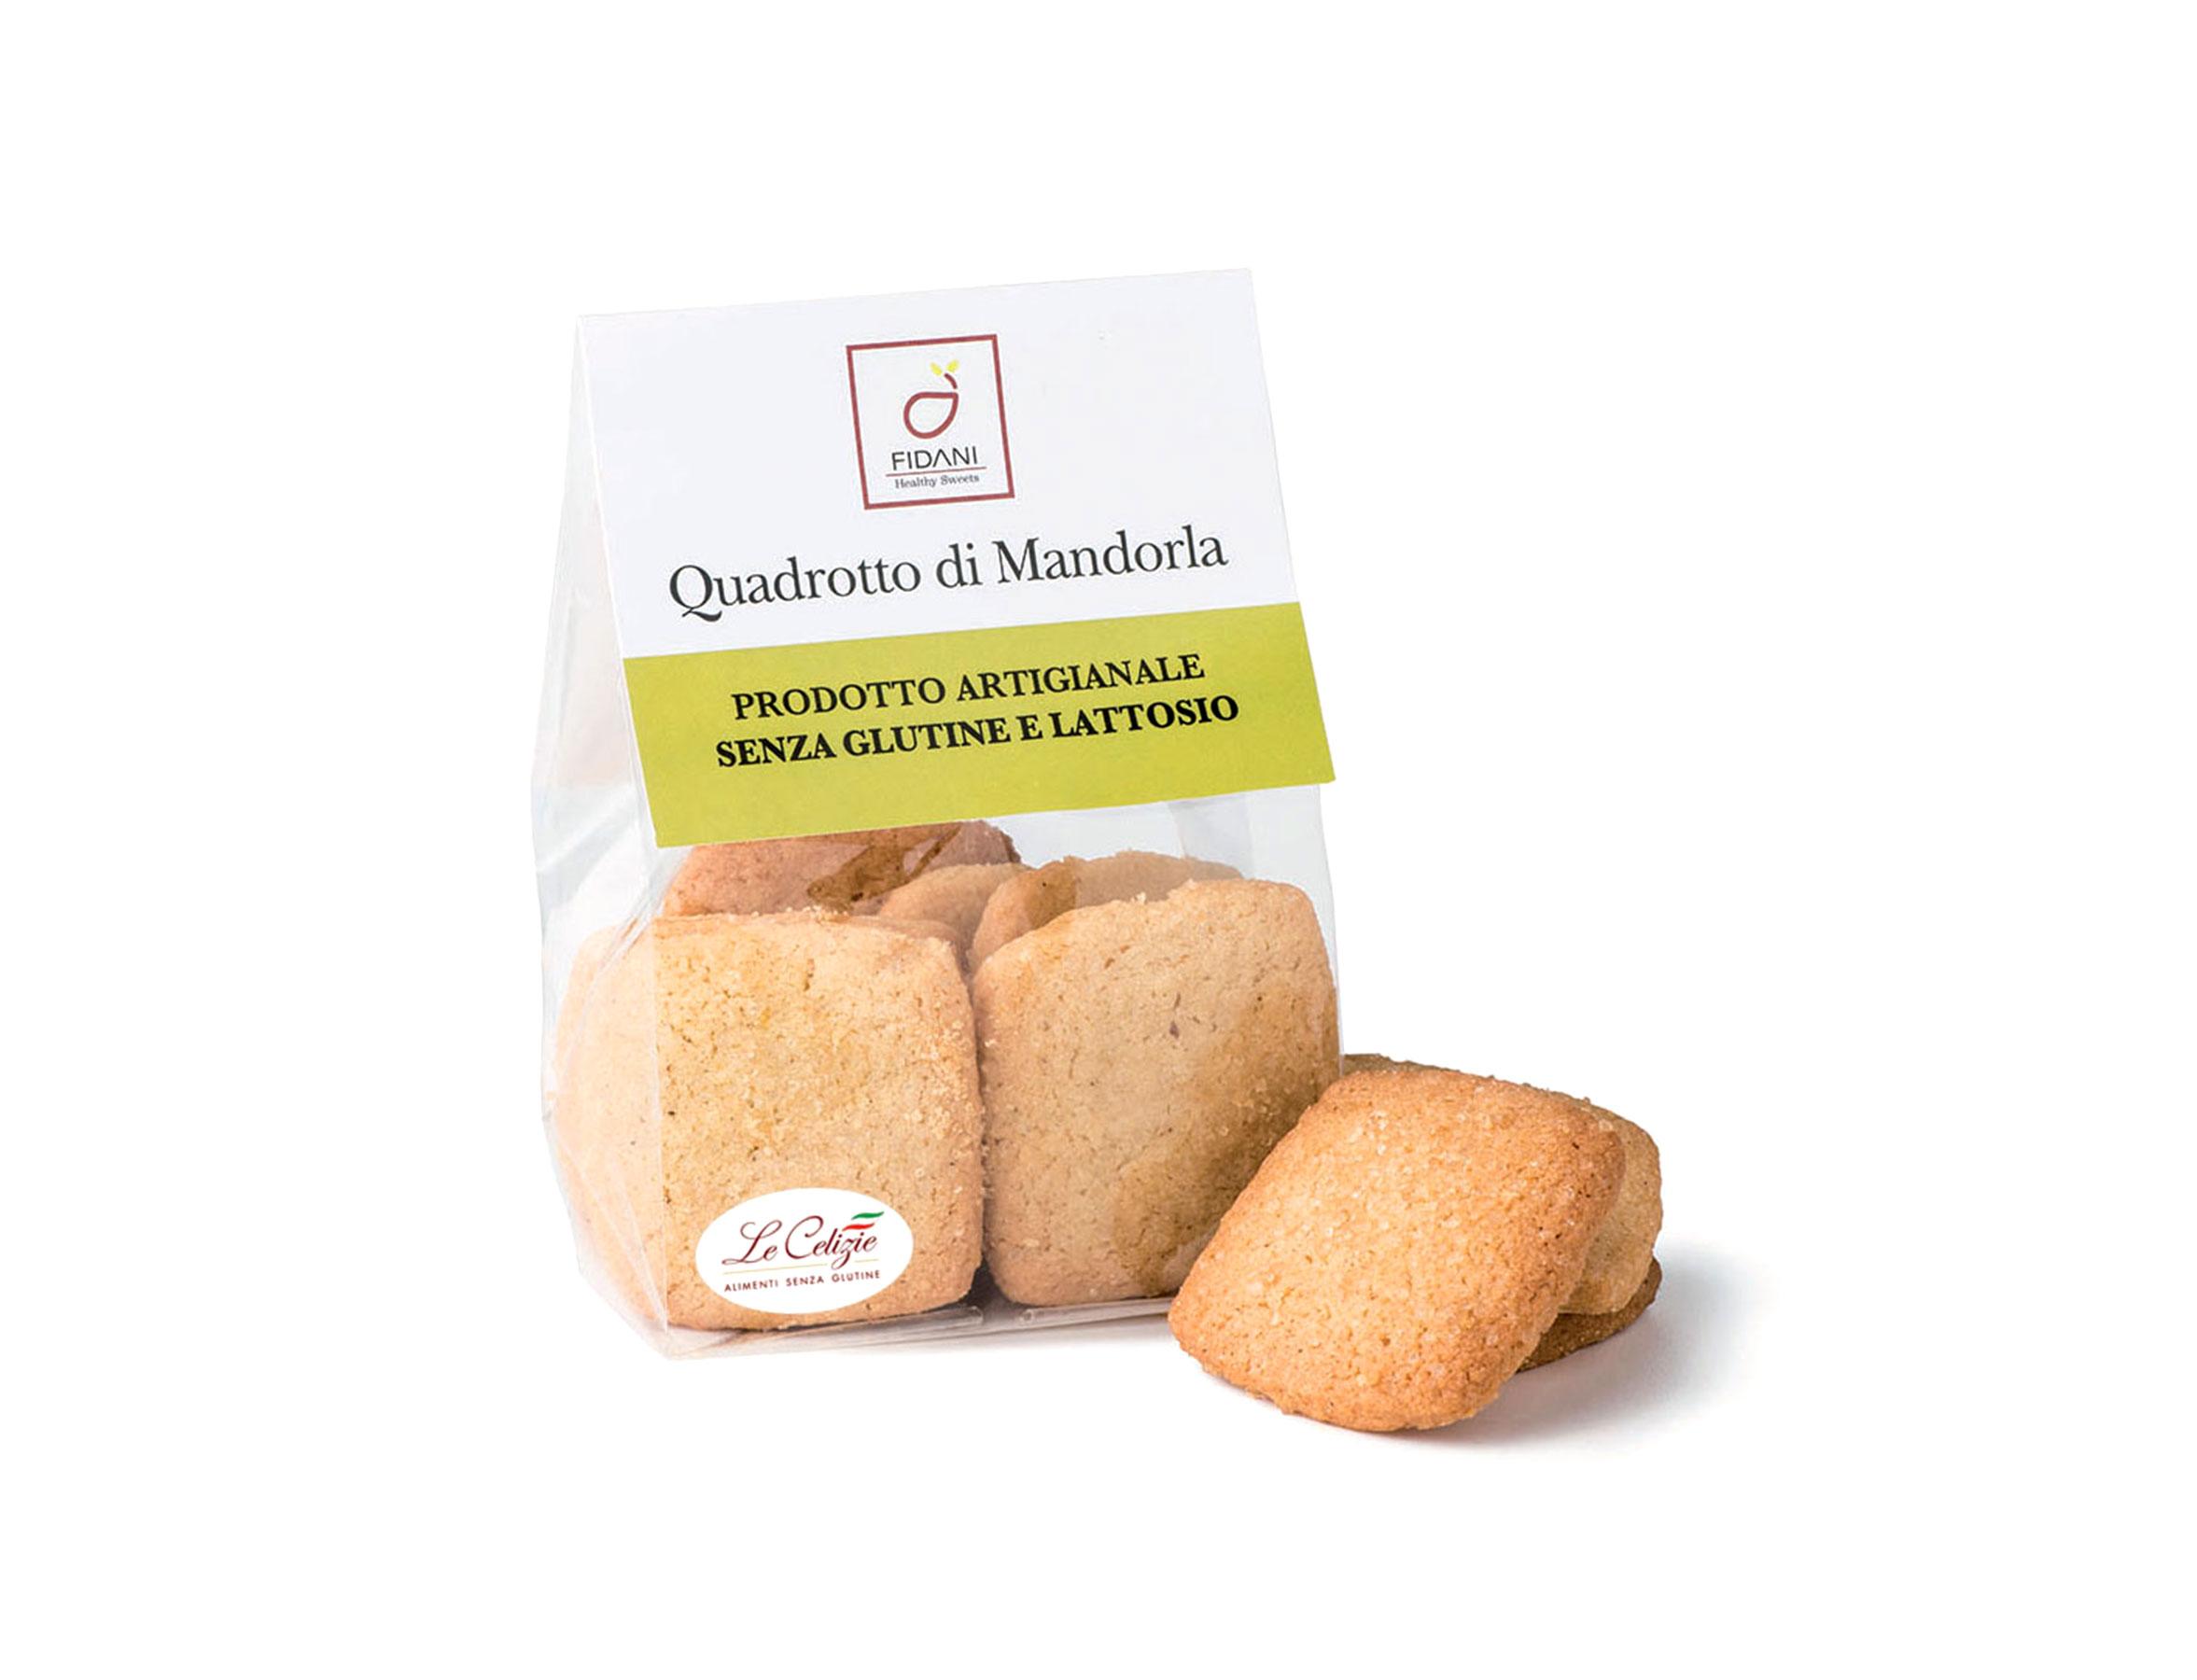 Quadrotto di Mandorla senza glutine